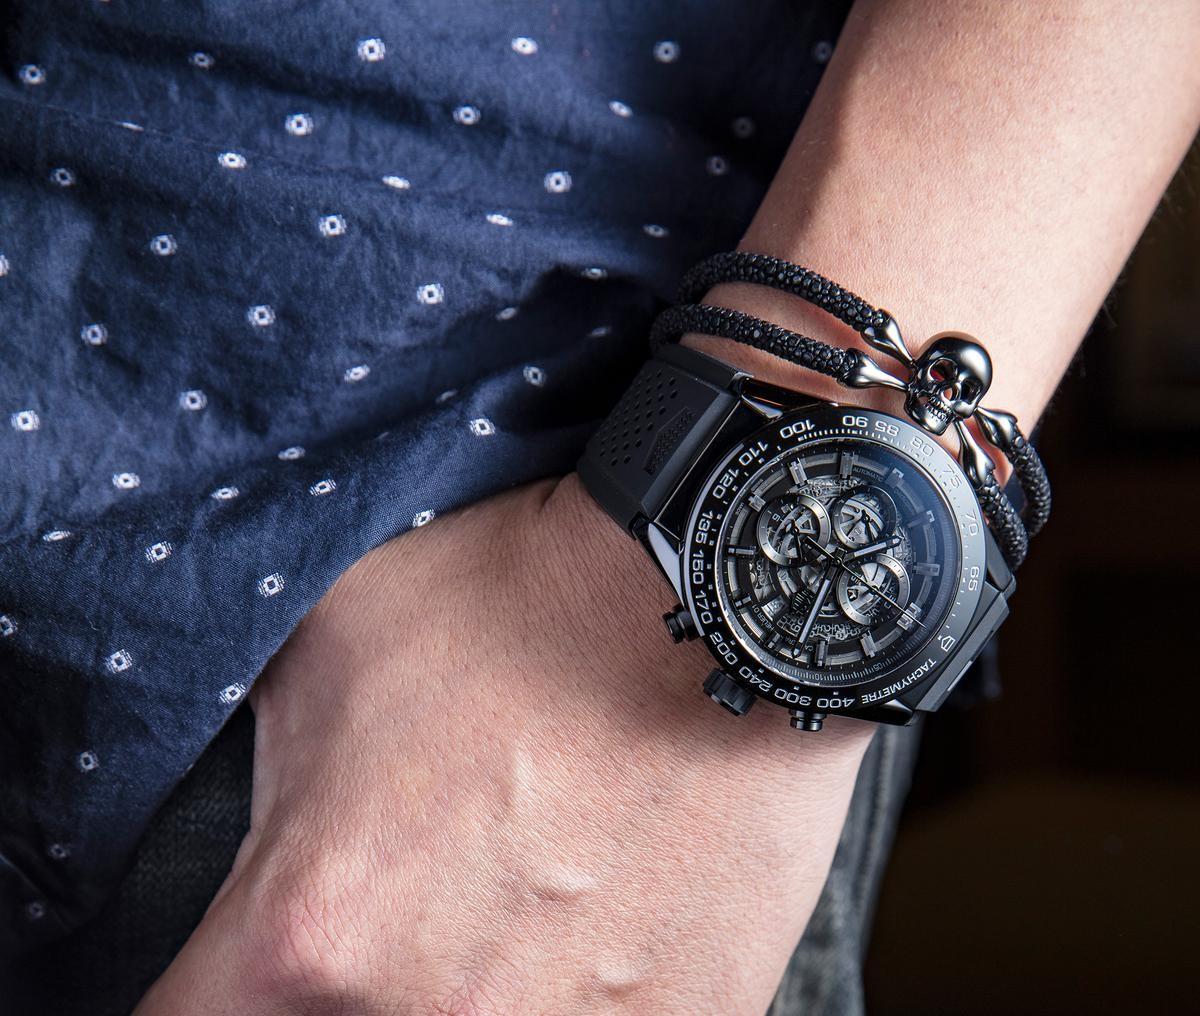 黑色陶瓷錶殼的豪雅Heuer-01腕錶,配上黑色鉑金的骷髏頭手環,看起來相當Rock!(錶款定價NT$195,600,StingHD手環定價NT$34,300)